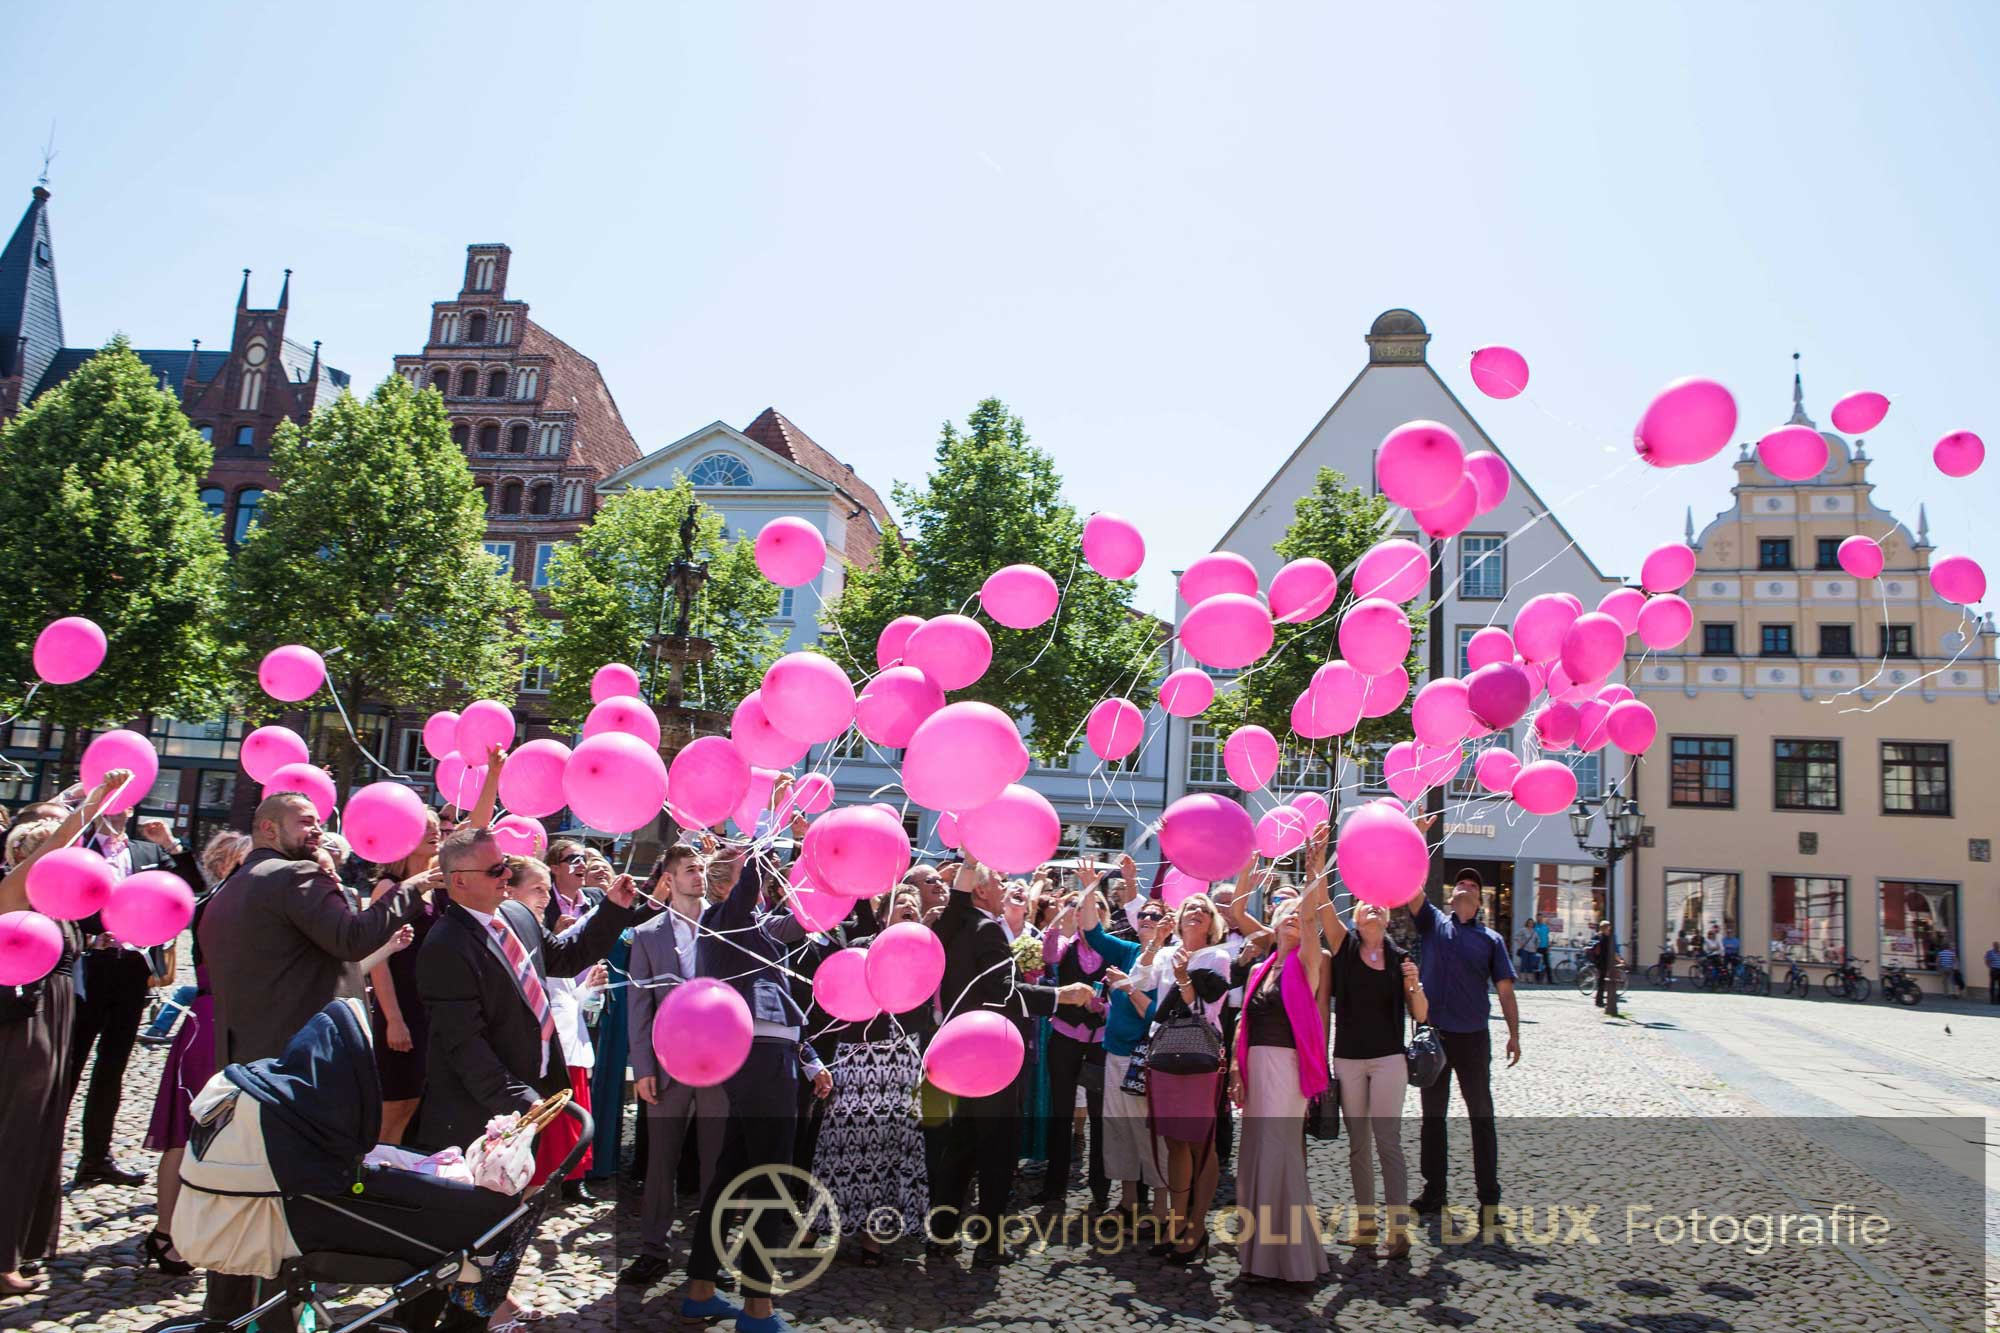 Der Marktplatz Lüneburg in Pink